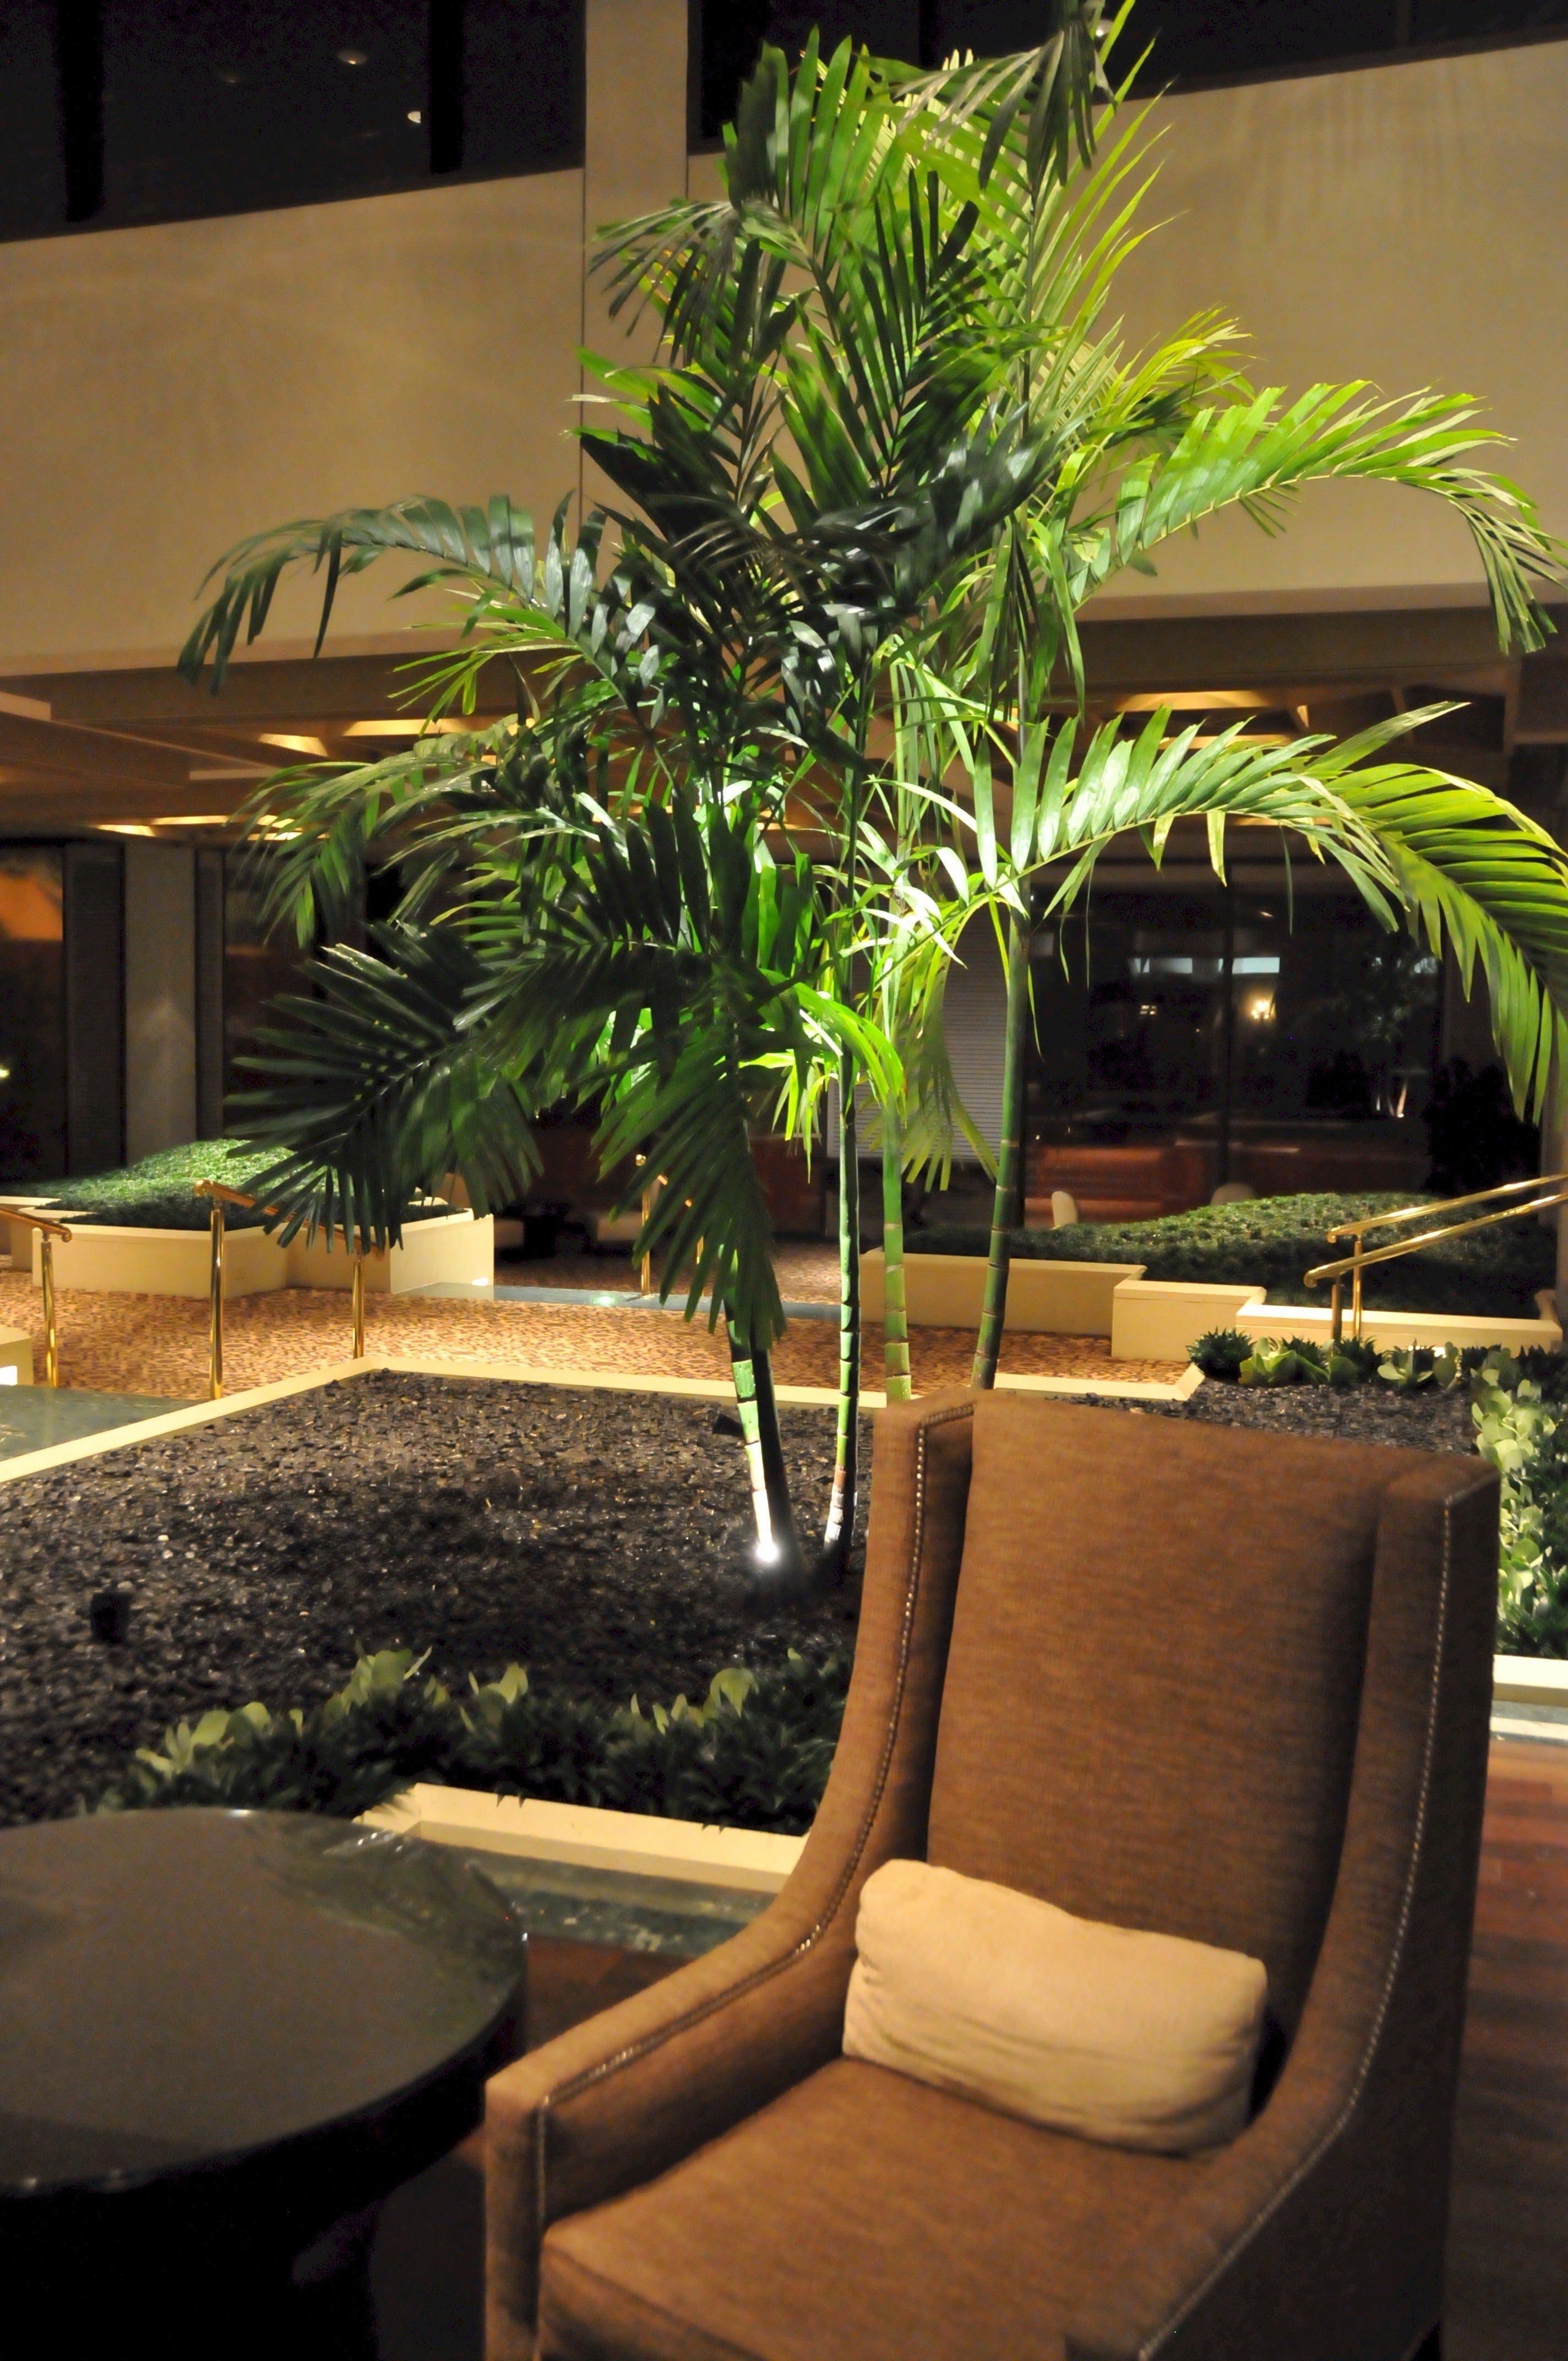 Omni Hotels Omni Houston Houston Texas Interiorscape